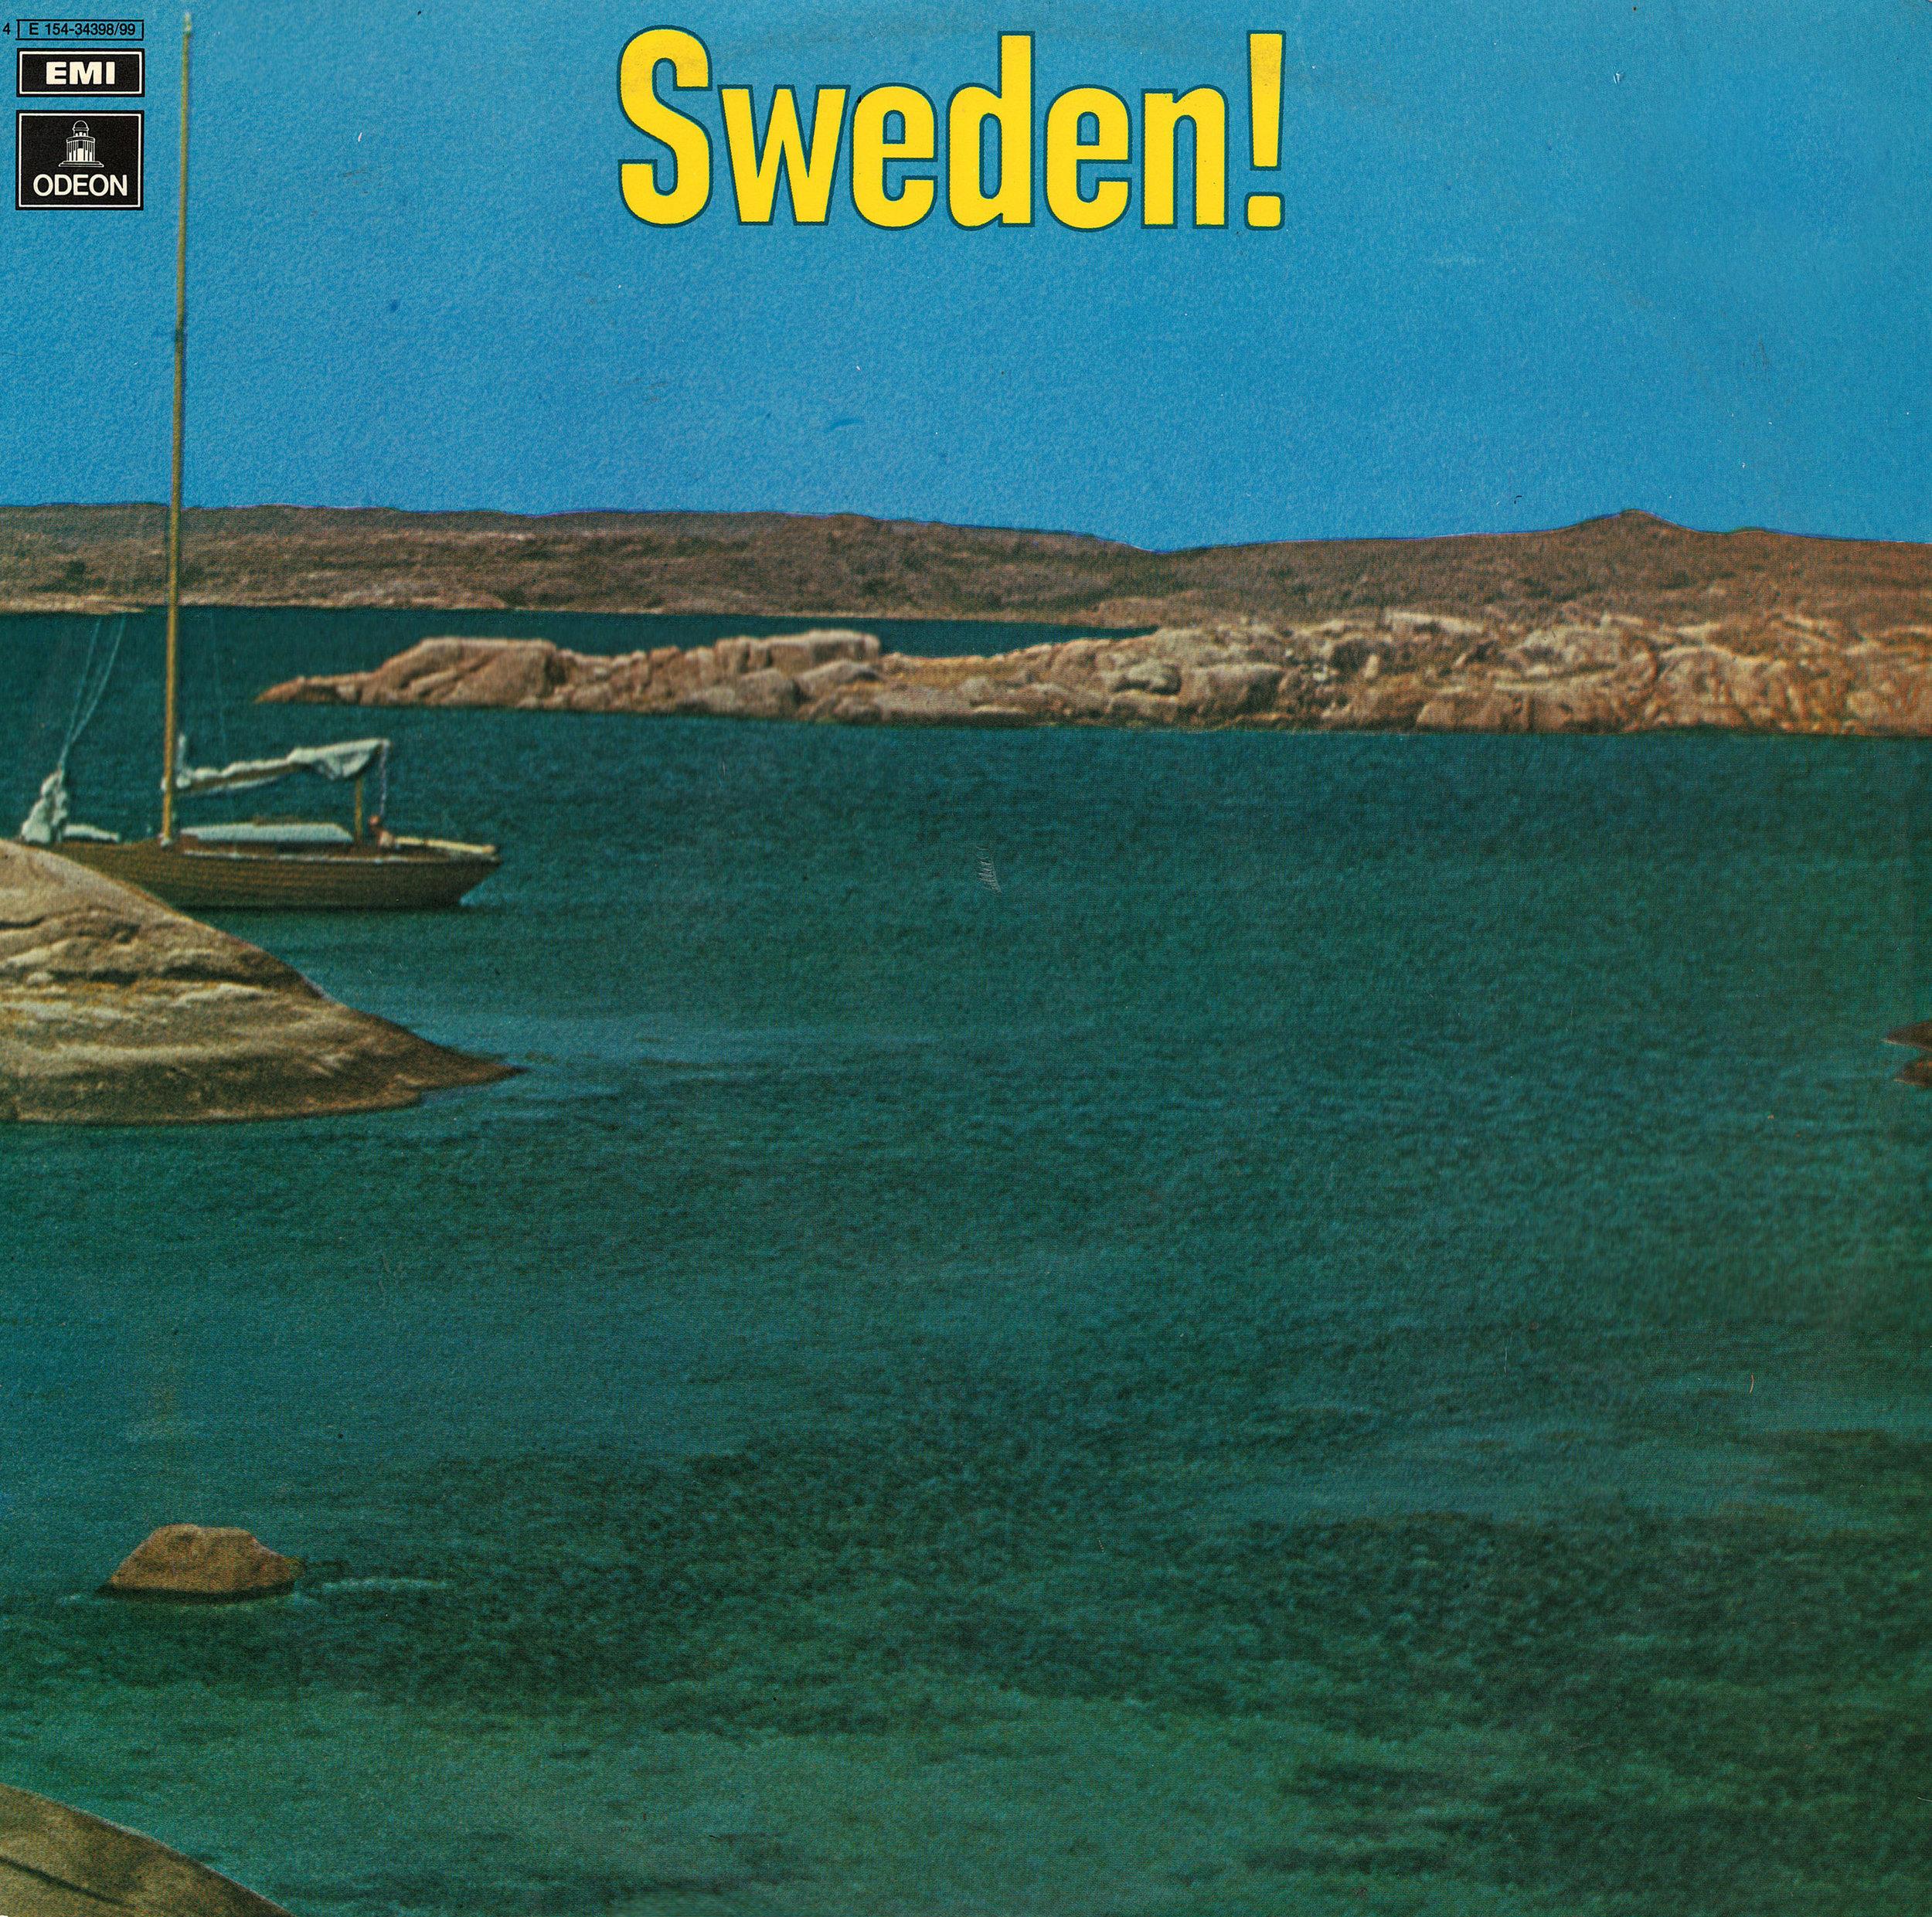 FOLK_SWEDEN_A.jpg